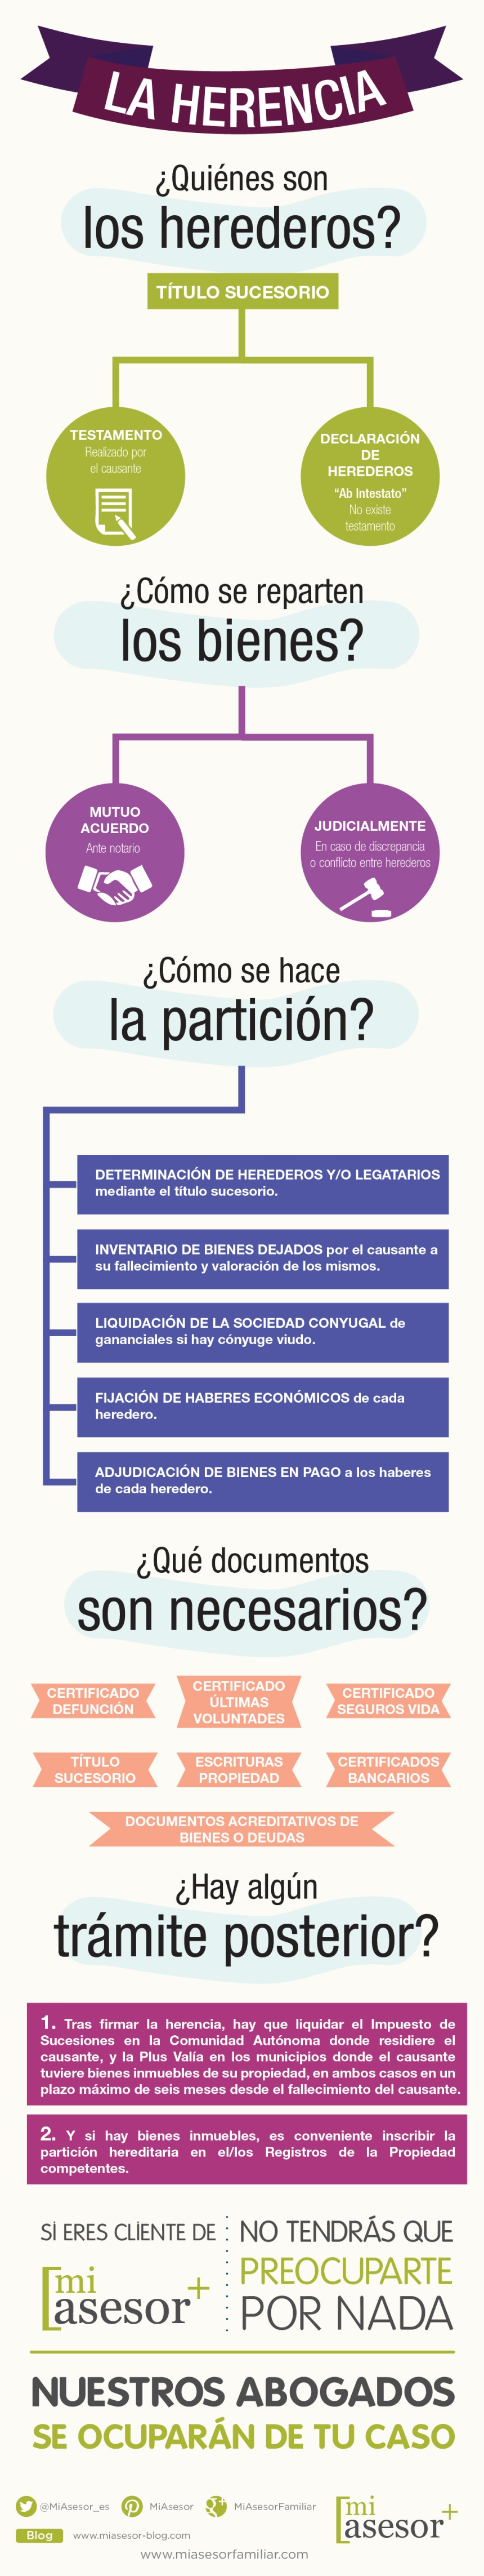 La Herencia: cómo se hace el reparto (España)